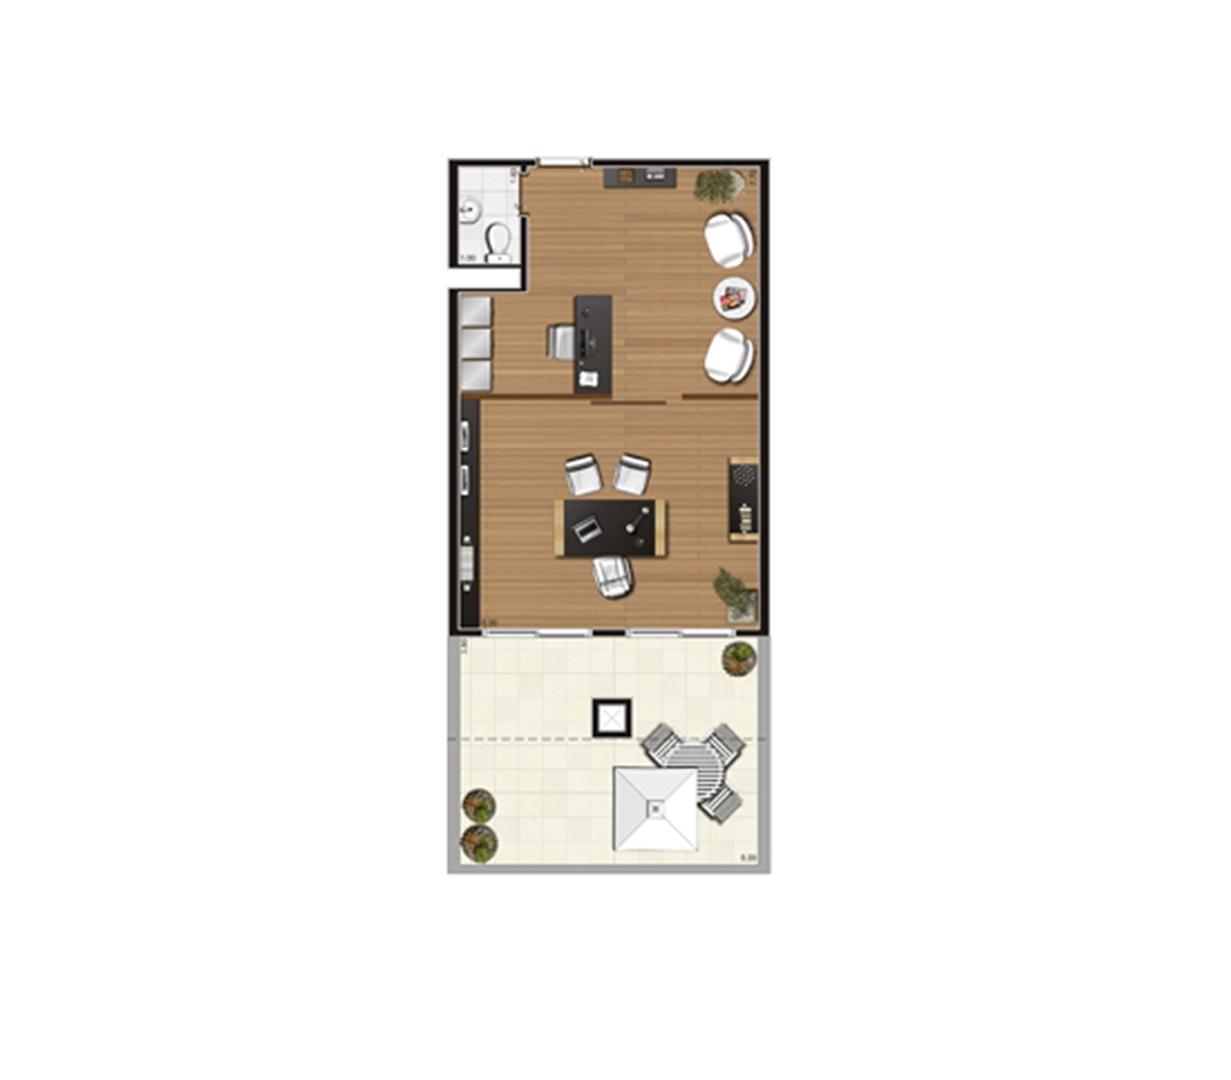 Giardino de 61 m² Finais 21, 22 e 23 | Luzes da Mooca - Atrio Giorno – Salas Comerciais na  Mooca - São Paulo - São Paulo